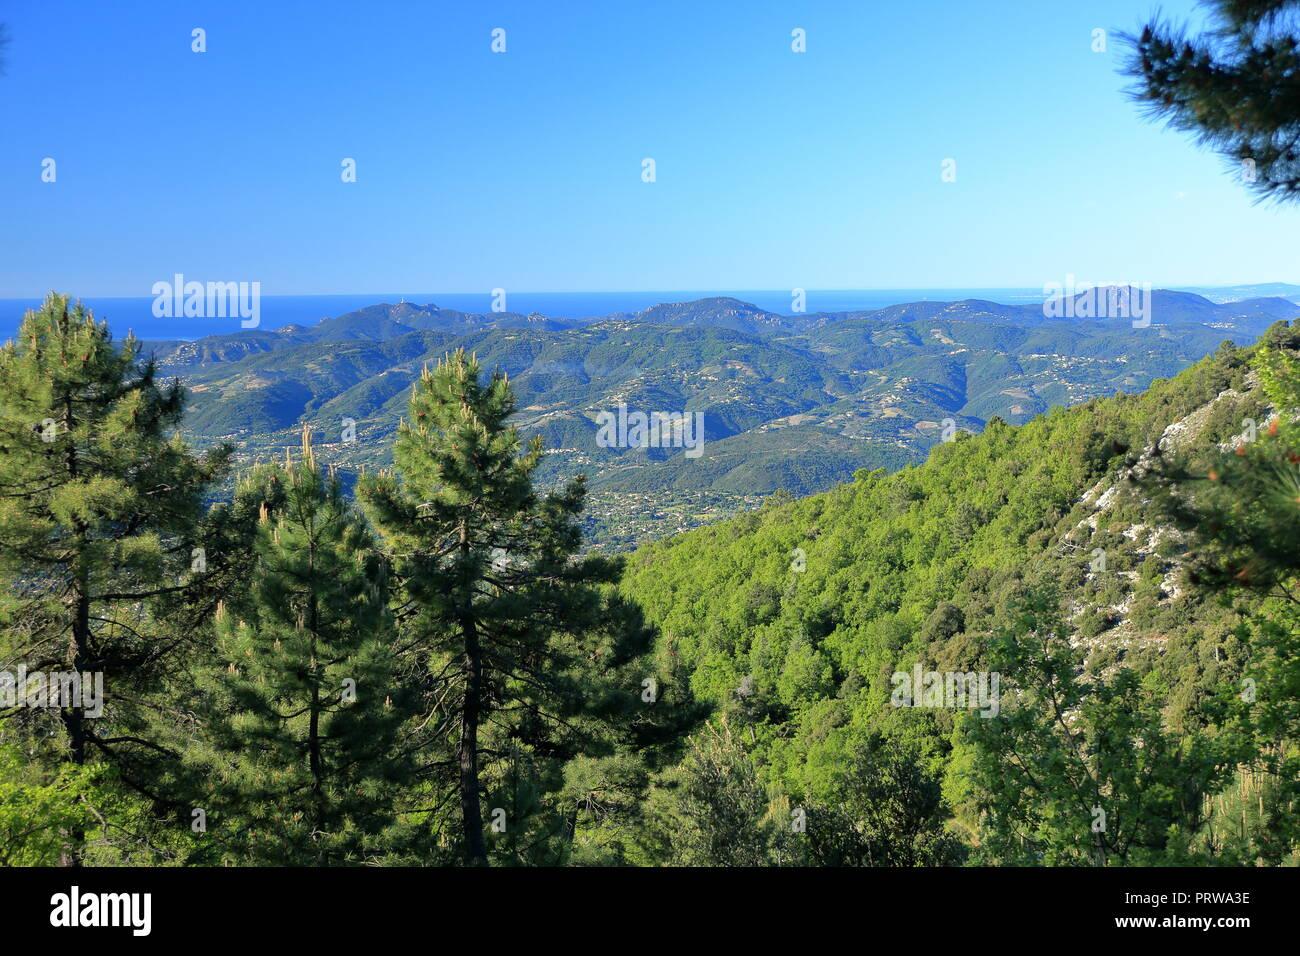 Overview above the Esterel, Prealpes d'Azur, 06, Alpes-Maritimes, Cote d'azur, PACA, - Stock Image